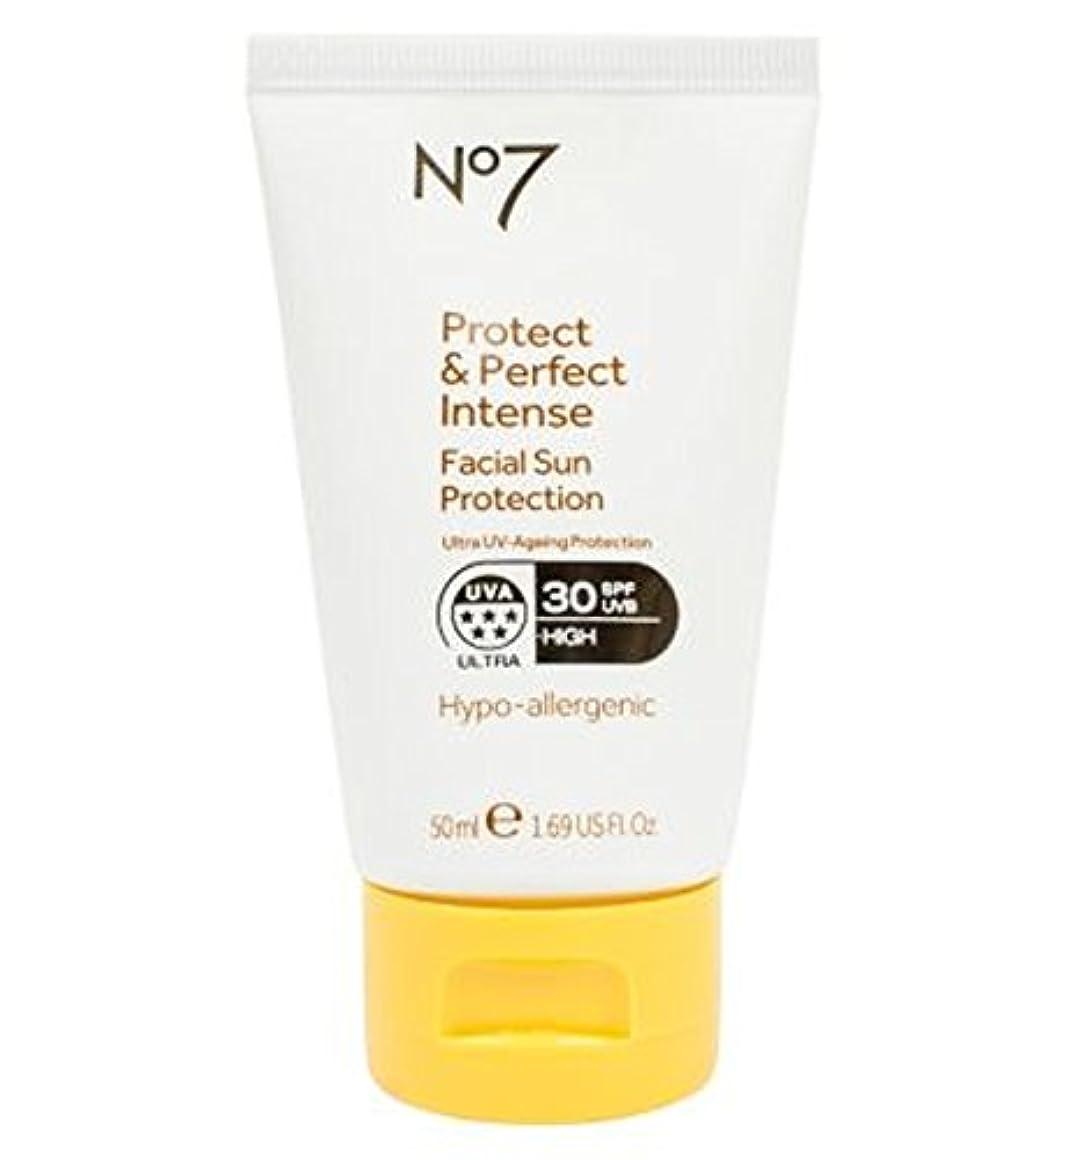 謝るコーラス故意のNo7保護&完璧な強烈な顔の日焼け防止Spf 30 50ミリリットル (No7) (x2) - No7 Protect & Perfect Intense Facial Sun Protection SPF 30 50ml...